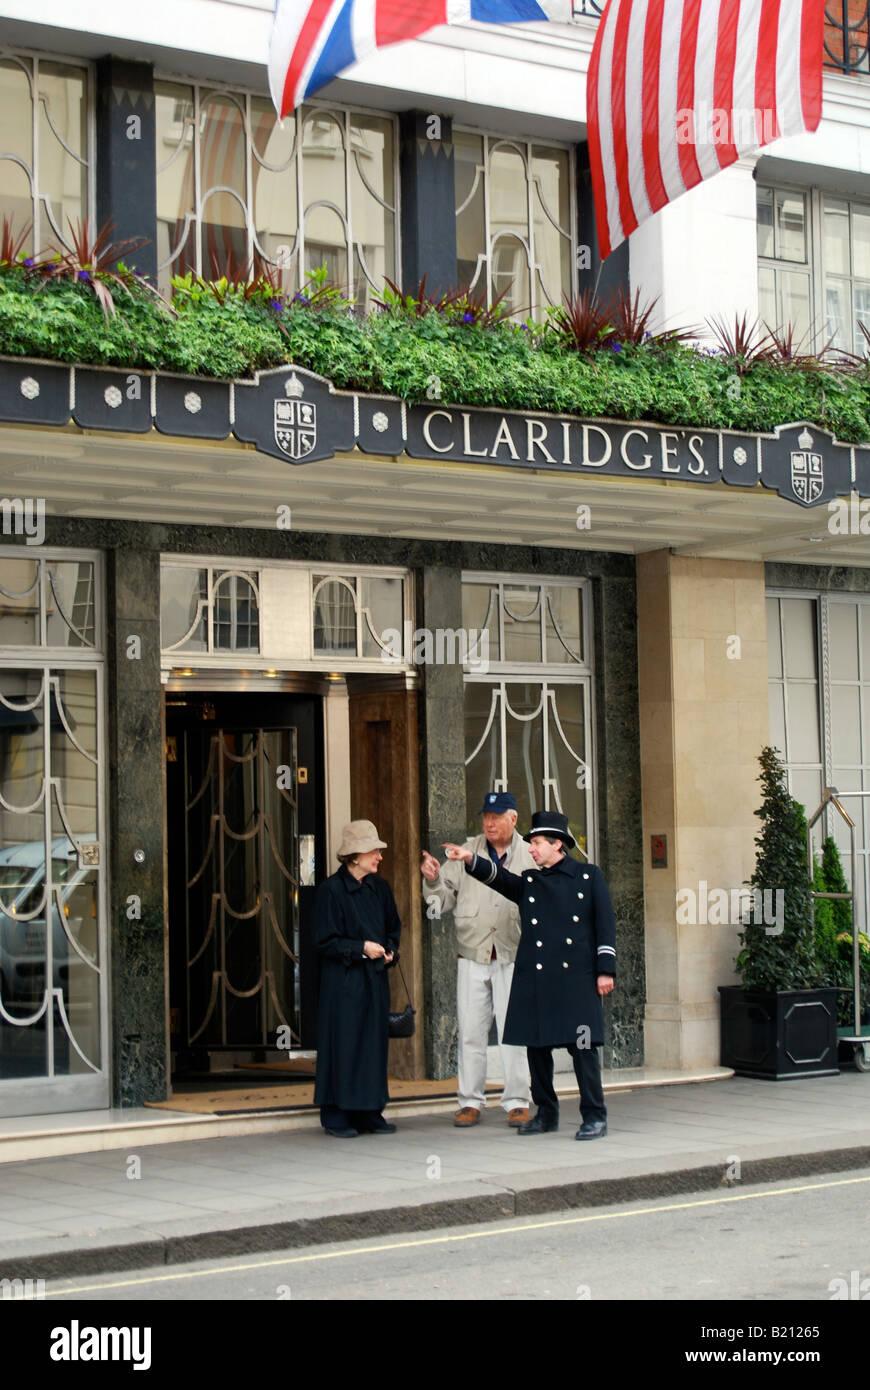 Concierge Hotel Claridges Tourists tourism travel luxury Mayfair London UK - Stock Image